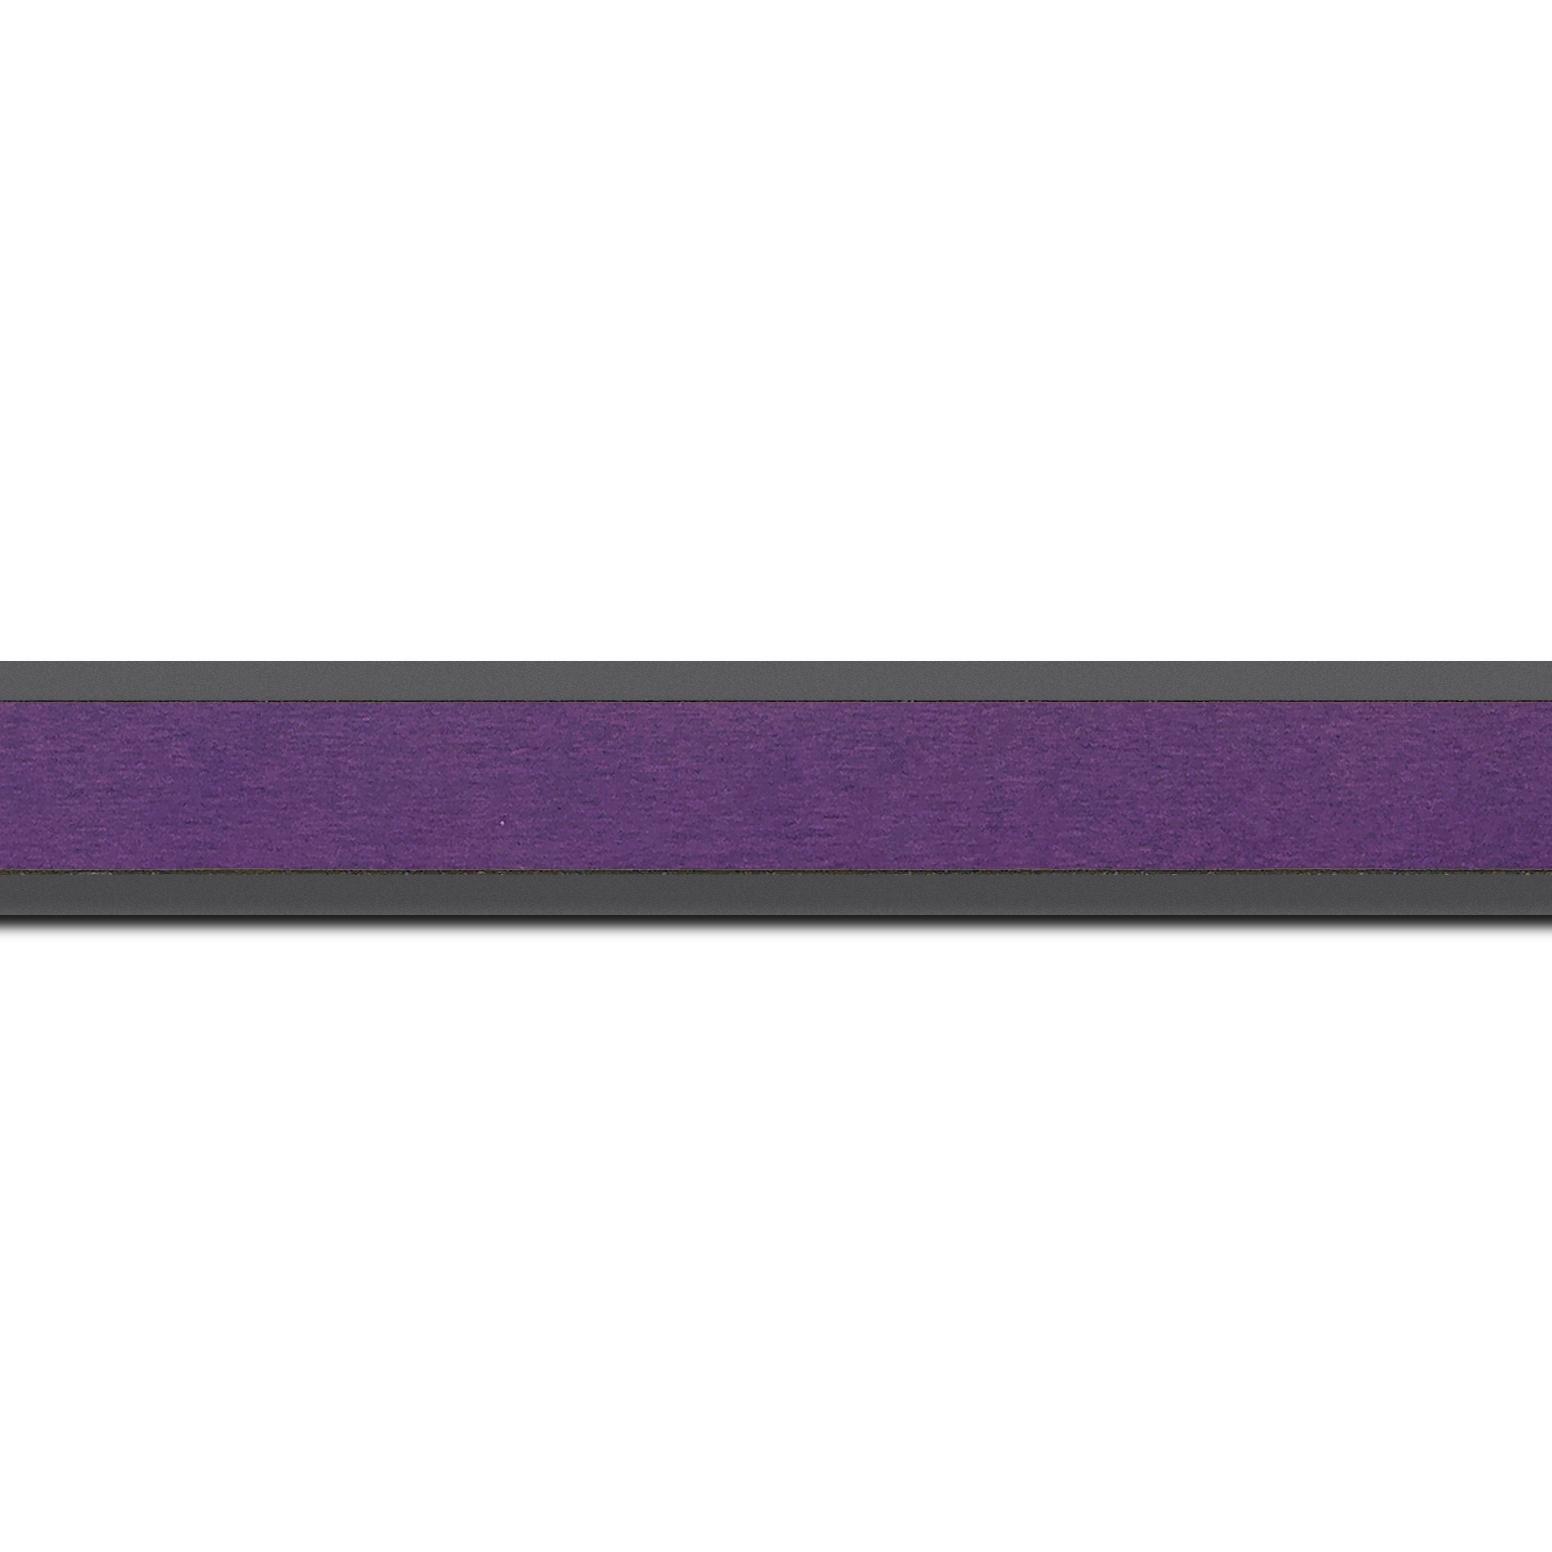 Pack par 12m, bois essence marupa profil plat largeur 2.5cm plaquage érable teinté violet,  filet intérieur et extérieur gris foncé (longueur baguette pouvant varier entre 2.40m et 3m selon arrivage des bois)